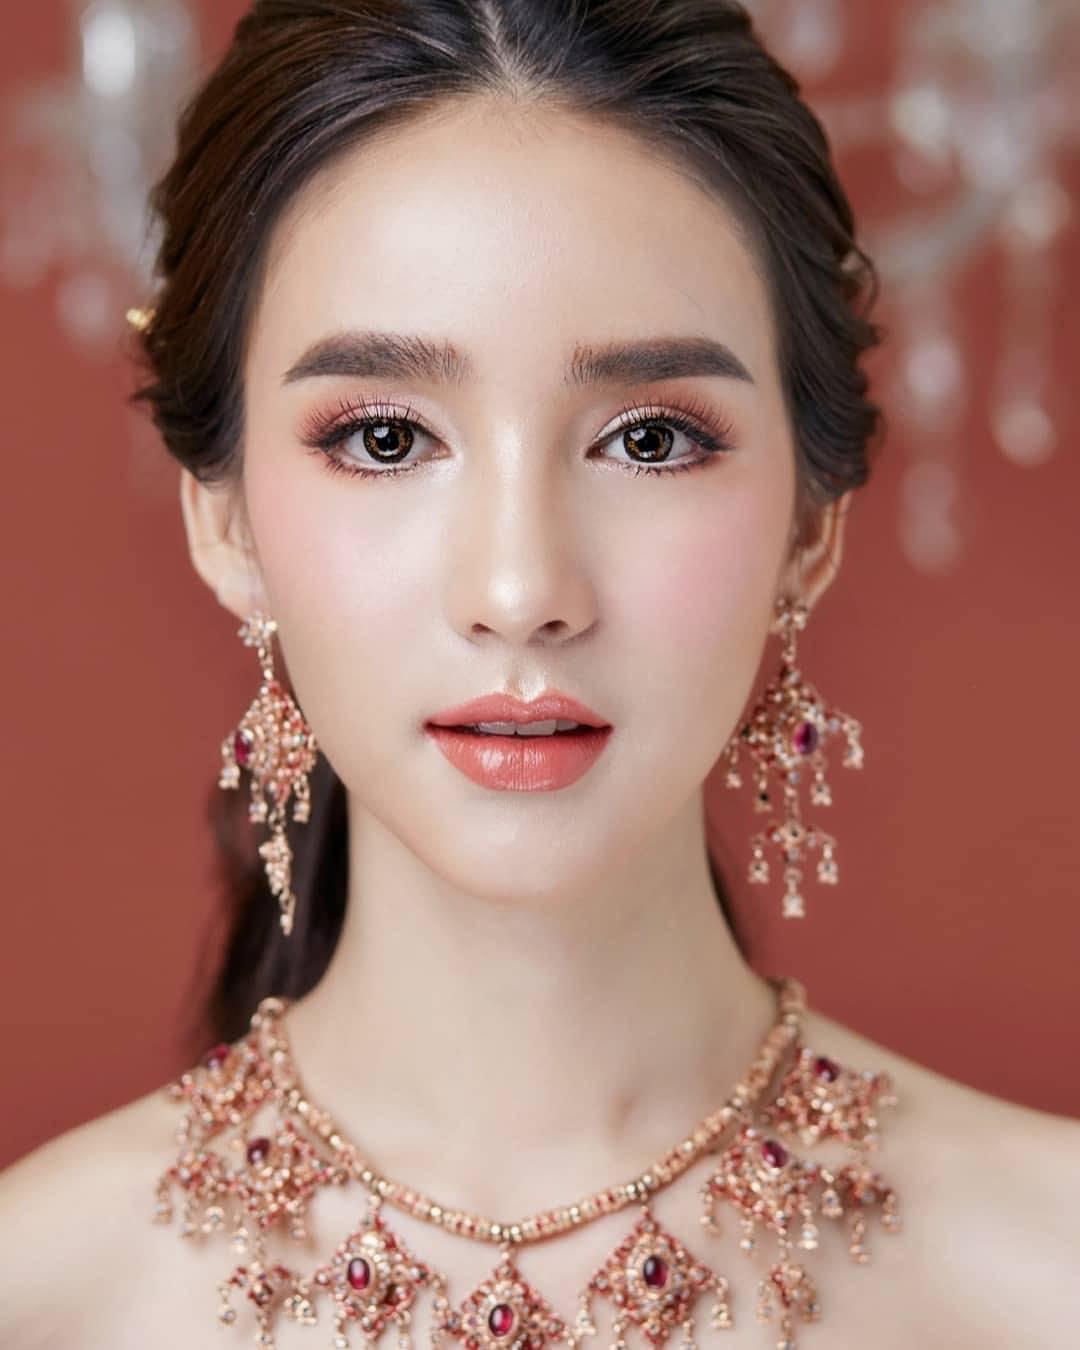 Soi mặt mộc của dàn mỹ nhân chuyển giới hot nhất Thái Lan: Nong Poy quá đỉnh, Yoshi đẹp tựa thiên thần đời thực - Ảnh 6